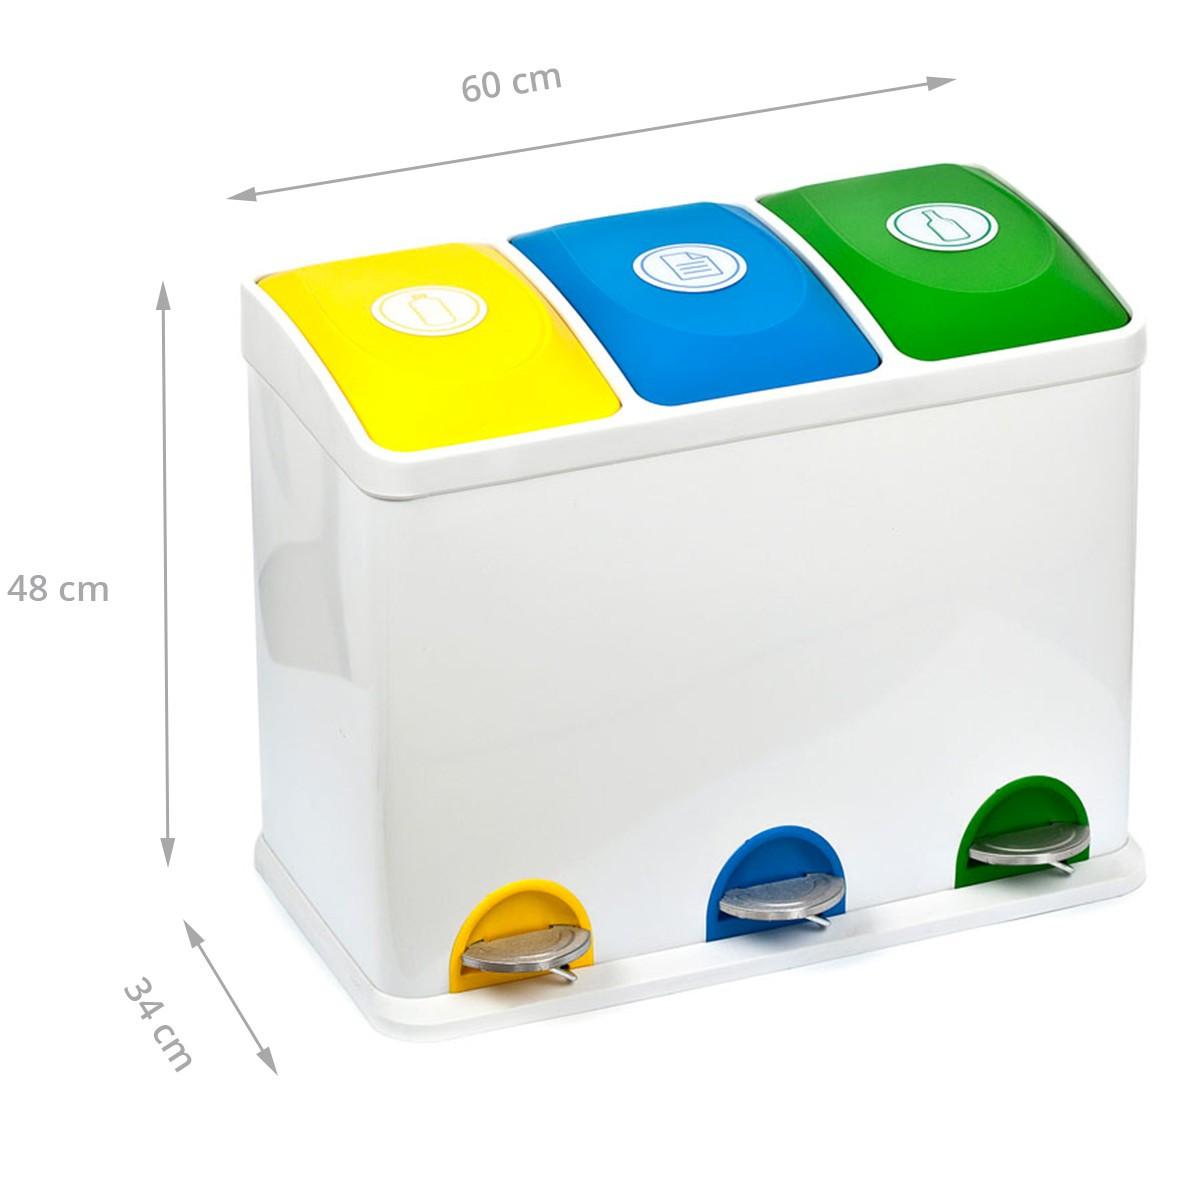 poubelle de recyclage espace recyclage. Black Bedroom Furniture Sets. Home Design Ideas